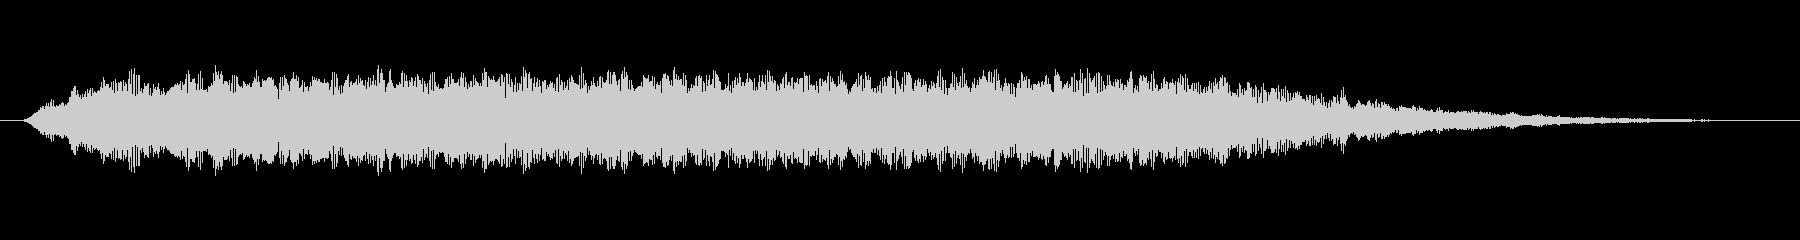 緊張 鬼合唱団ワン・ノート・ロー04の未再生の波形